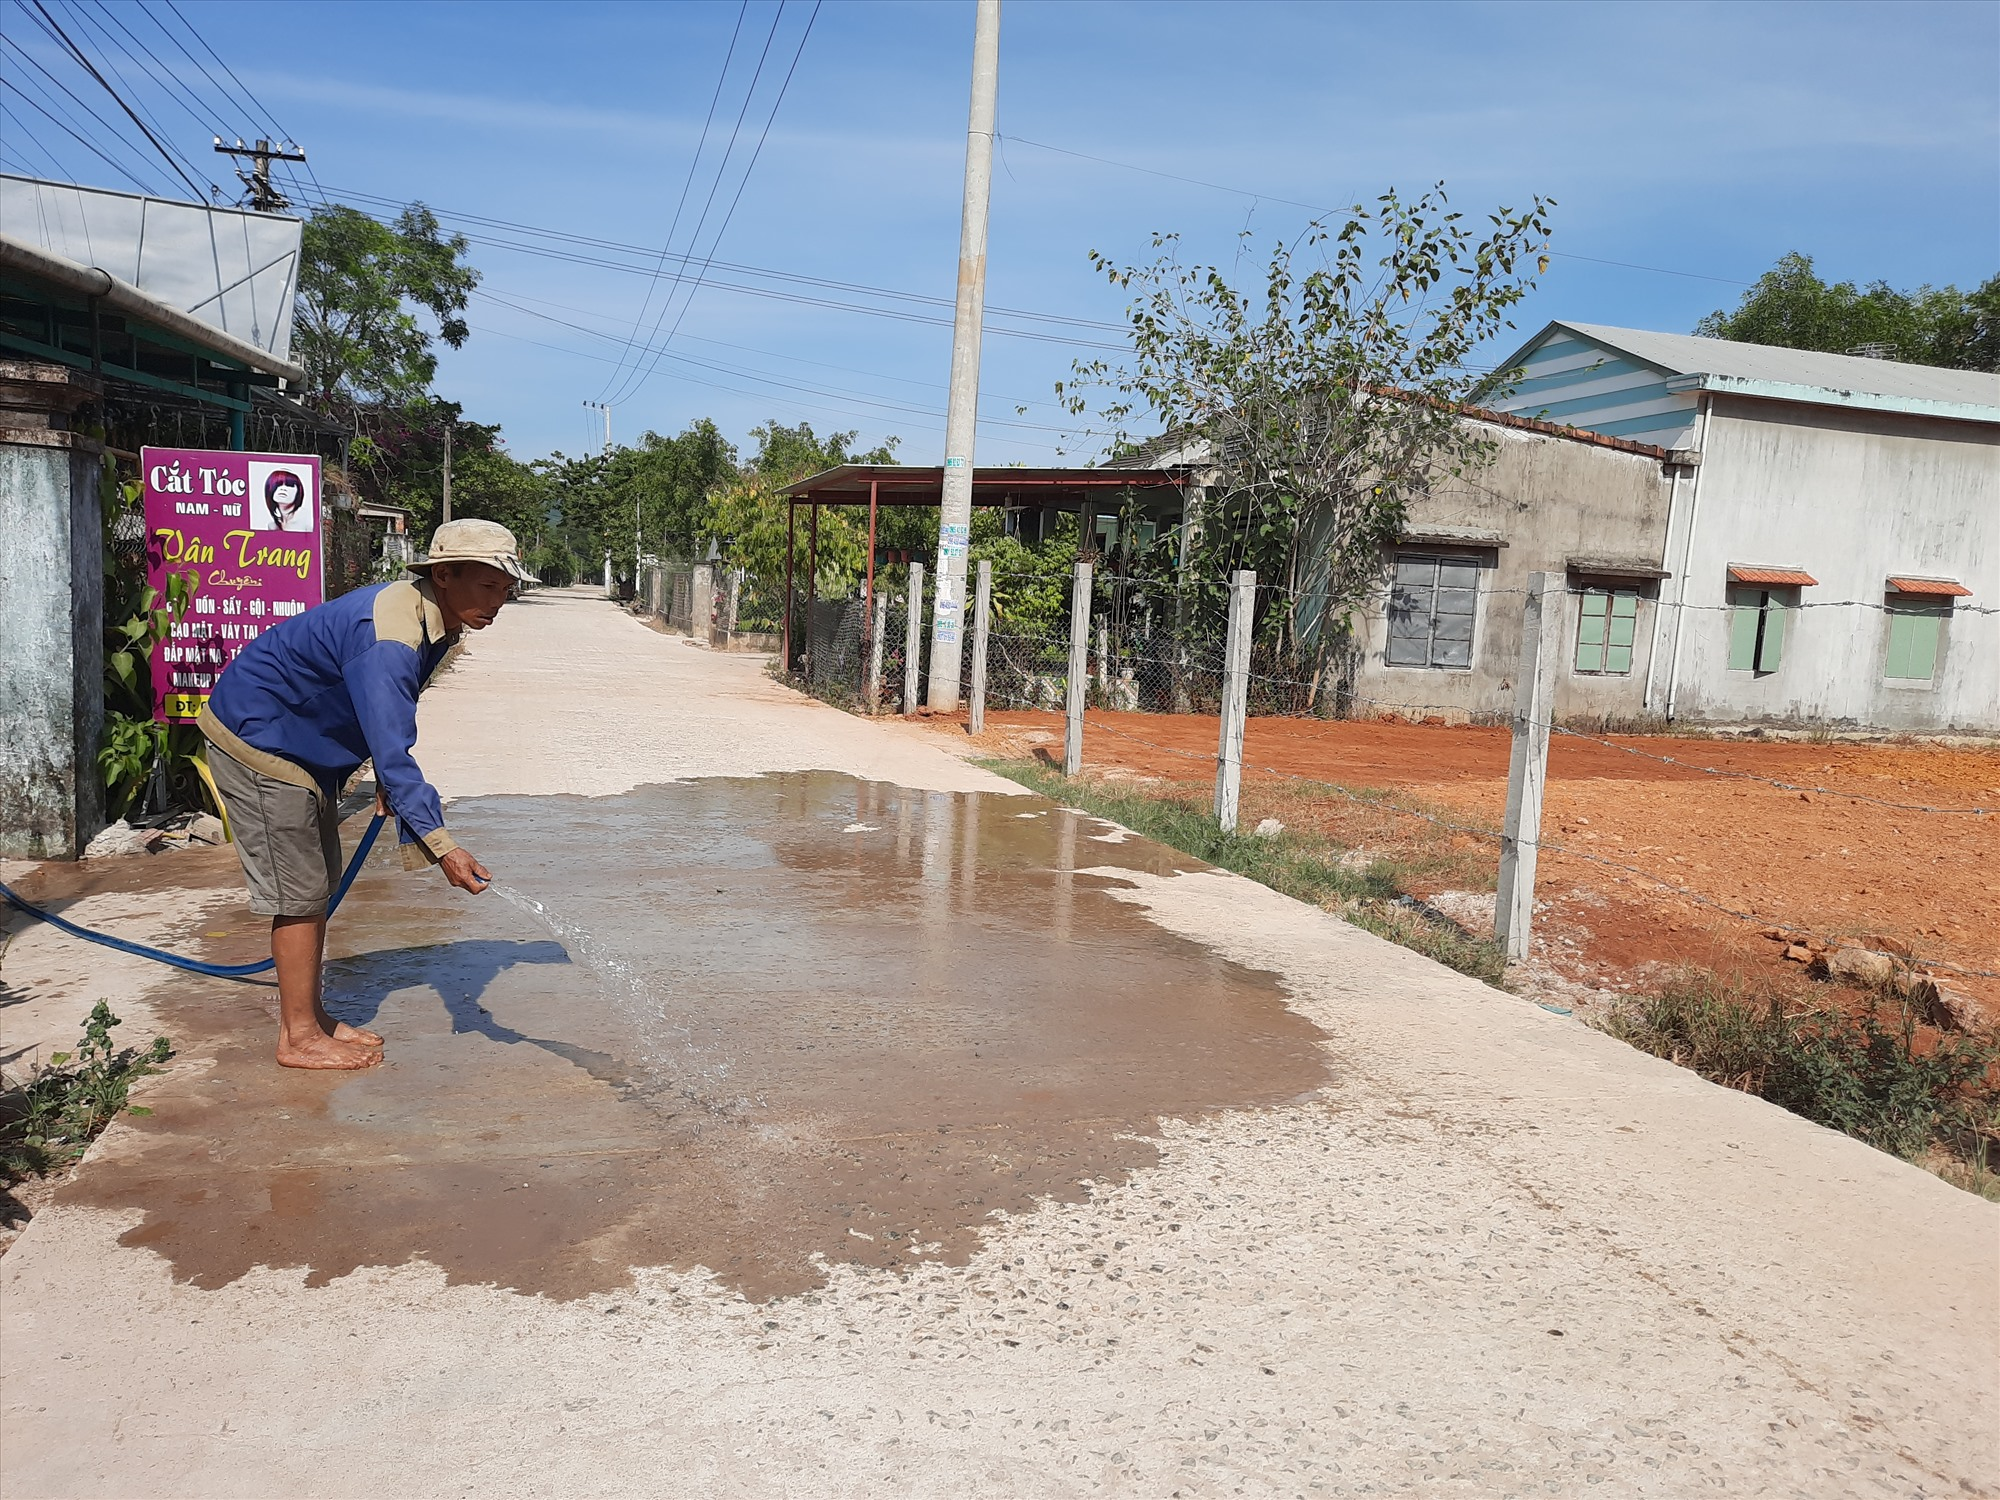 Người dân liên tục tưới nước để hạn chế tình trạng bụi bặm mù mịt xuất hiện sau khi đường đi vào hoạt động. Ảnh: HỒ QUÂN